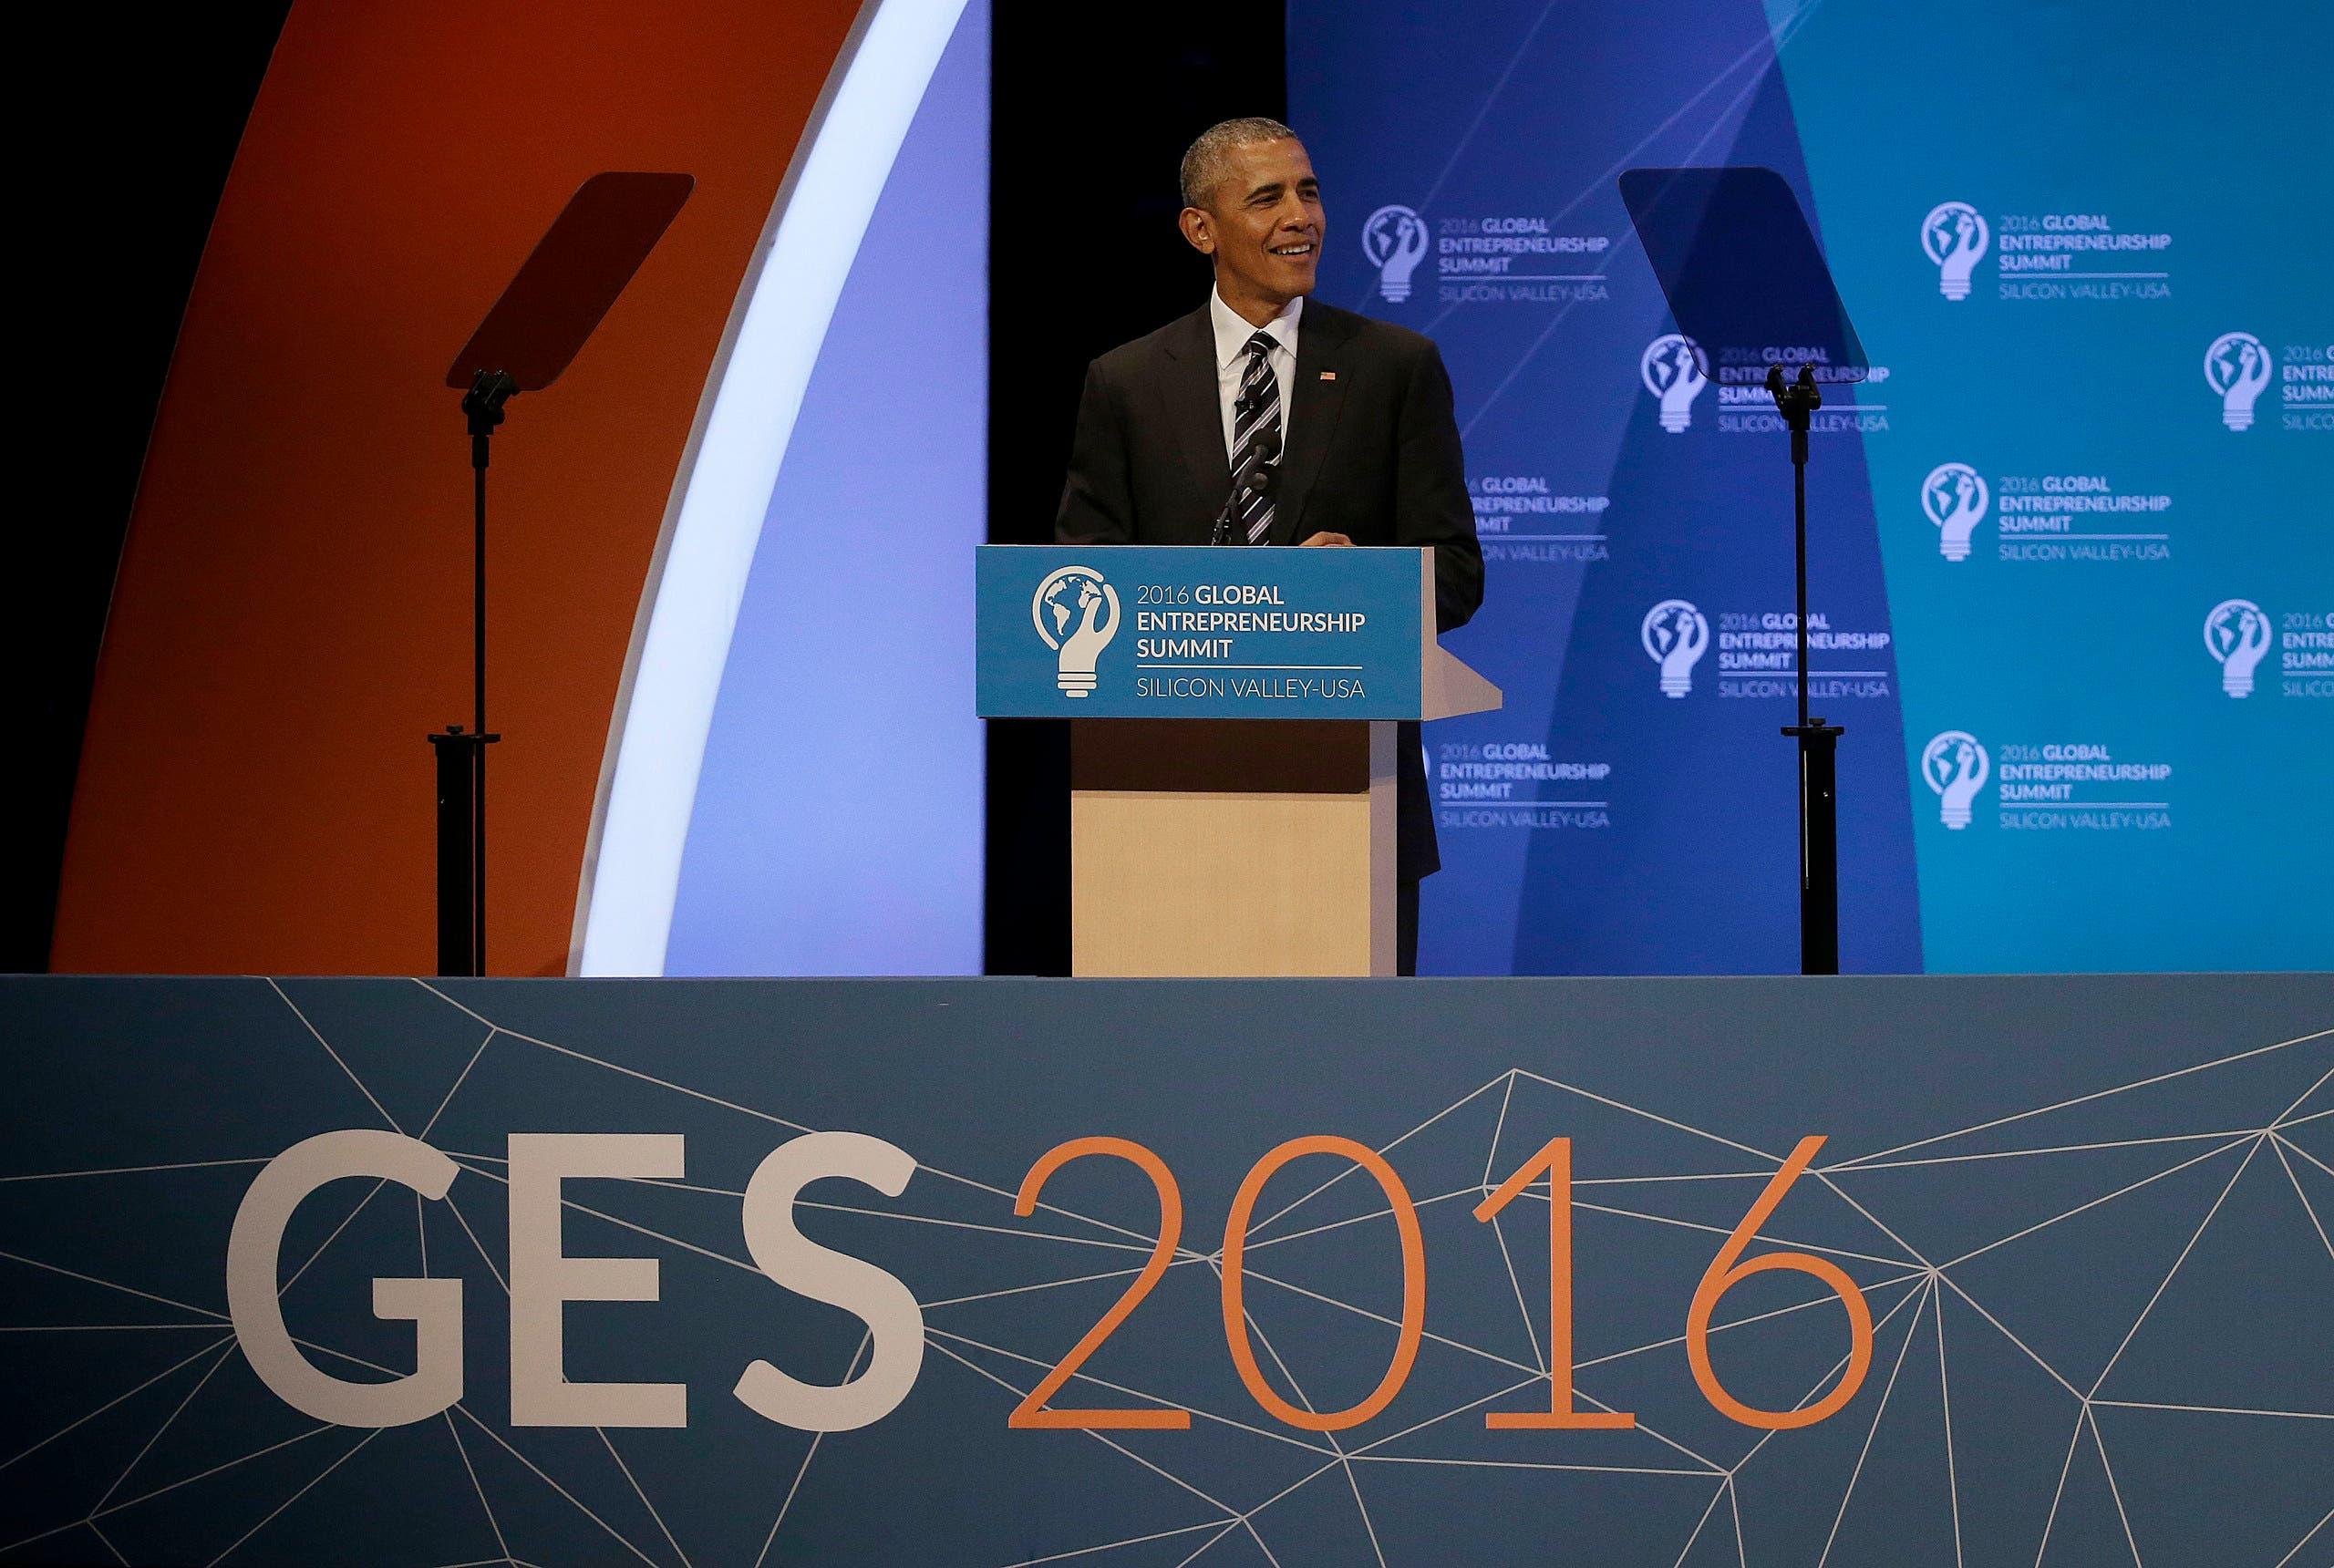 President Barack Obama speaks at the Global Entrepreneurship Summit in Stanford, Calif., Friday, June 24, 2016. (AP)